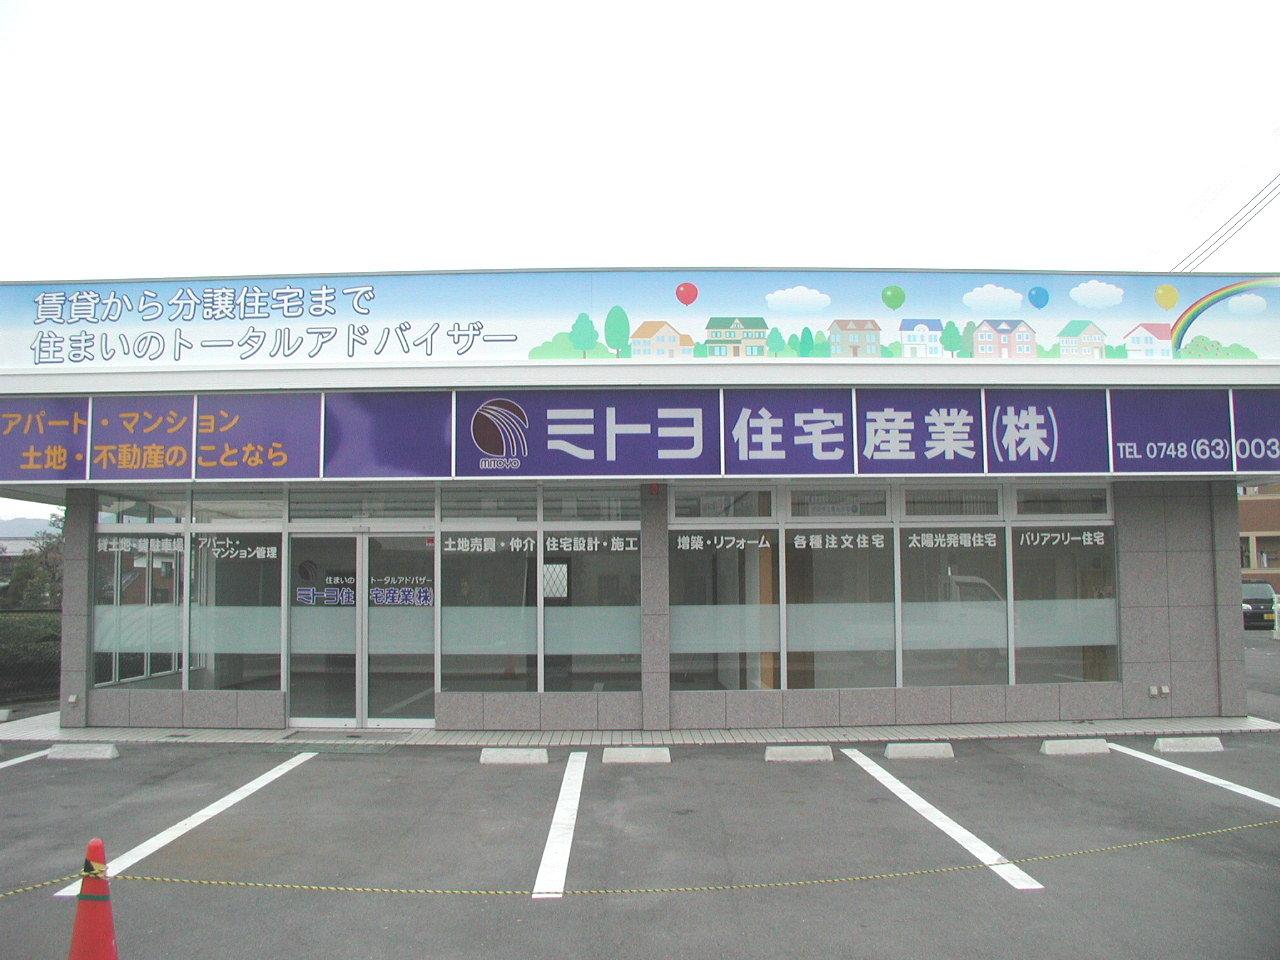 ミトヨ住宅�竃{店サイン工事